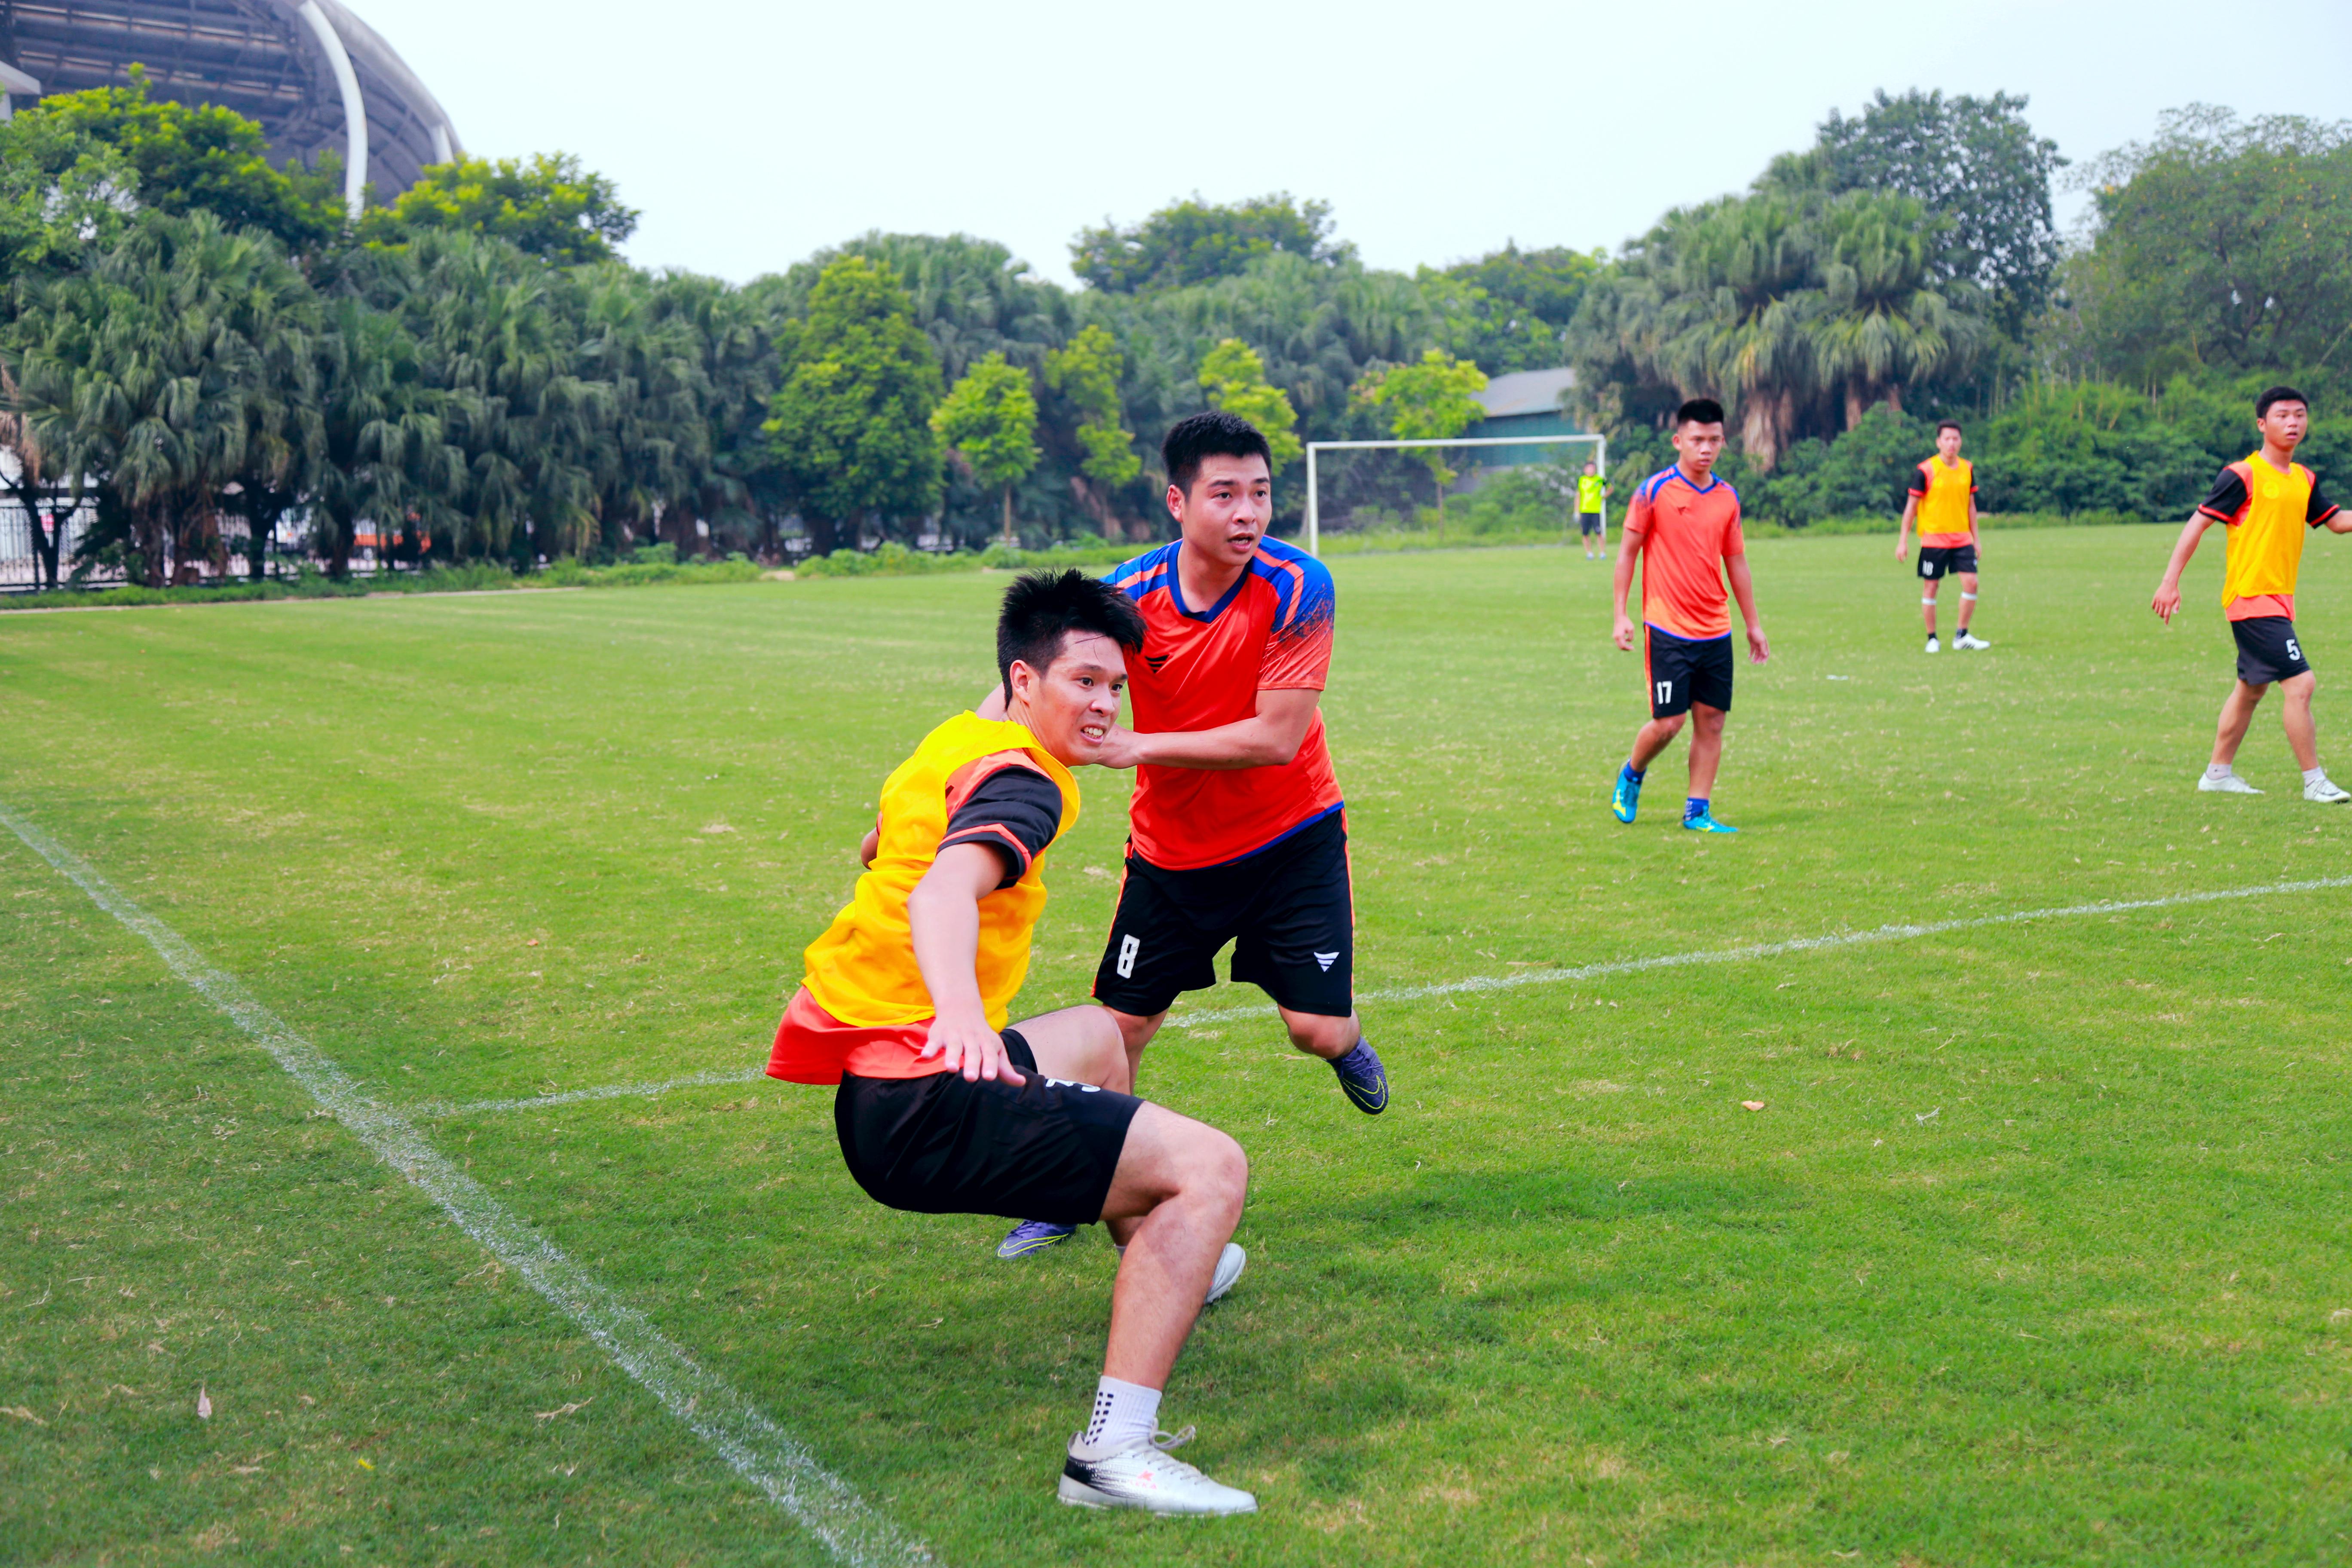 Giằng co: Hai cầu thủ giữa hai đội FPT Education và FPT Telecom đang giằng co nhau ở khu vực giữa sân để lấy bóng.